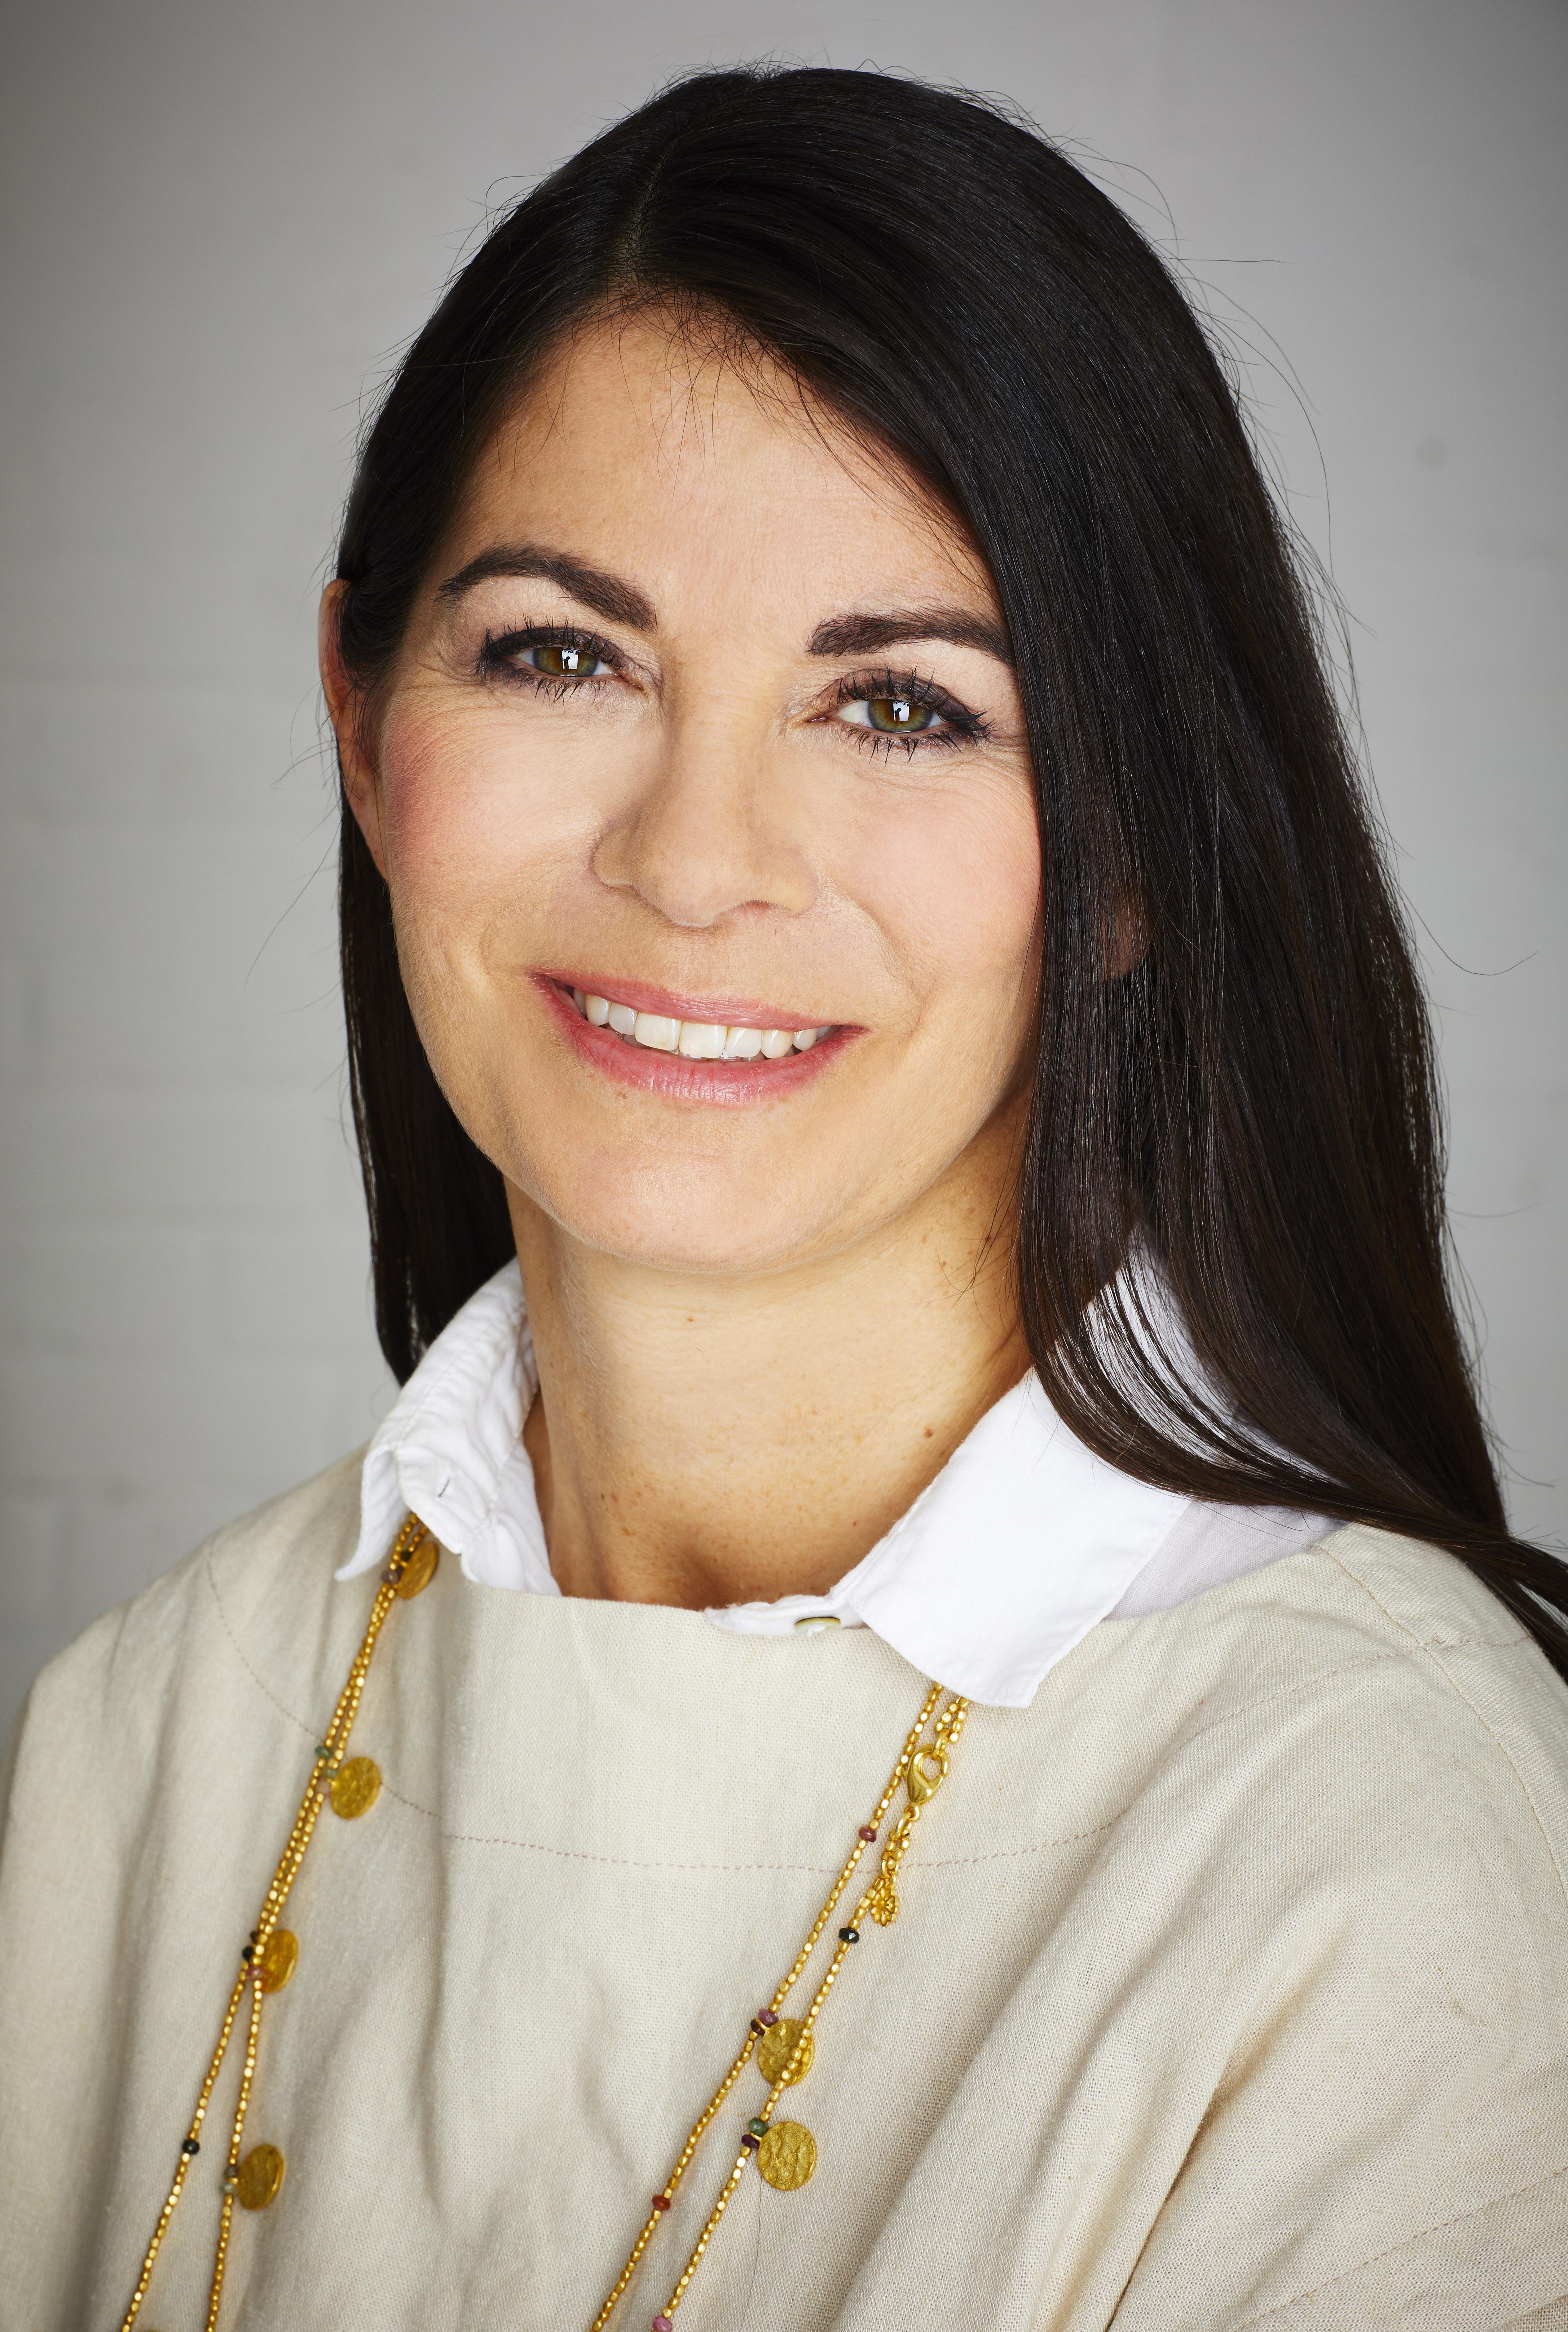 Madeleine Black